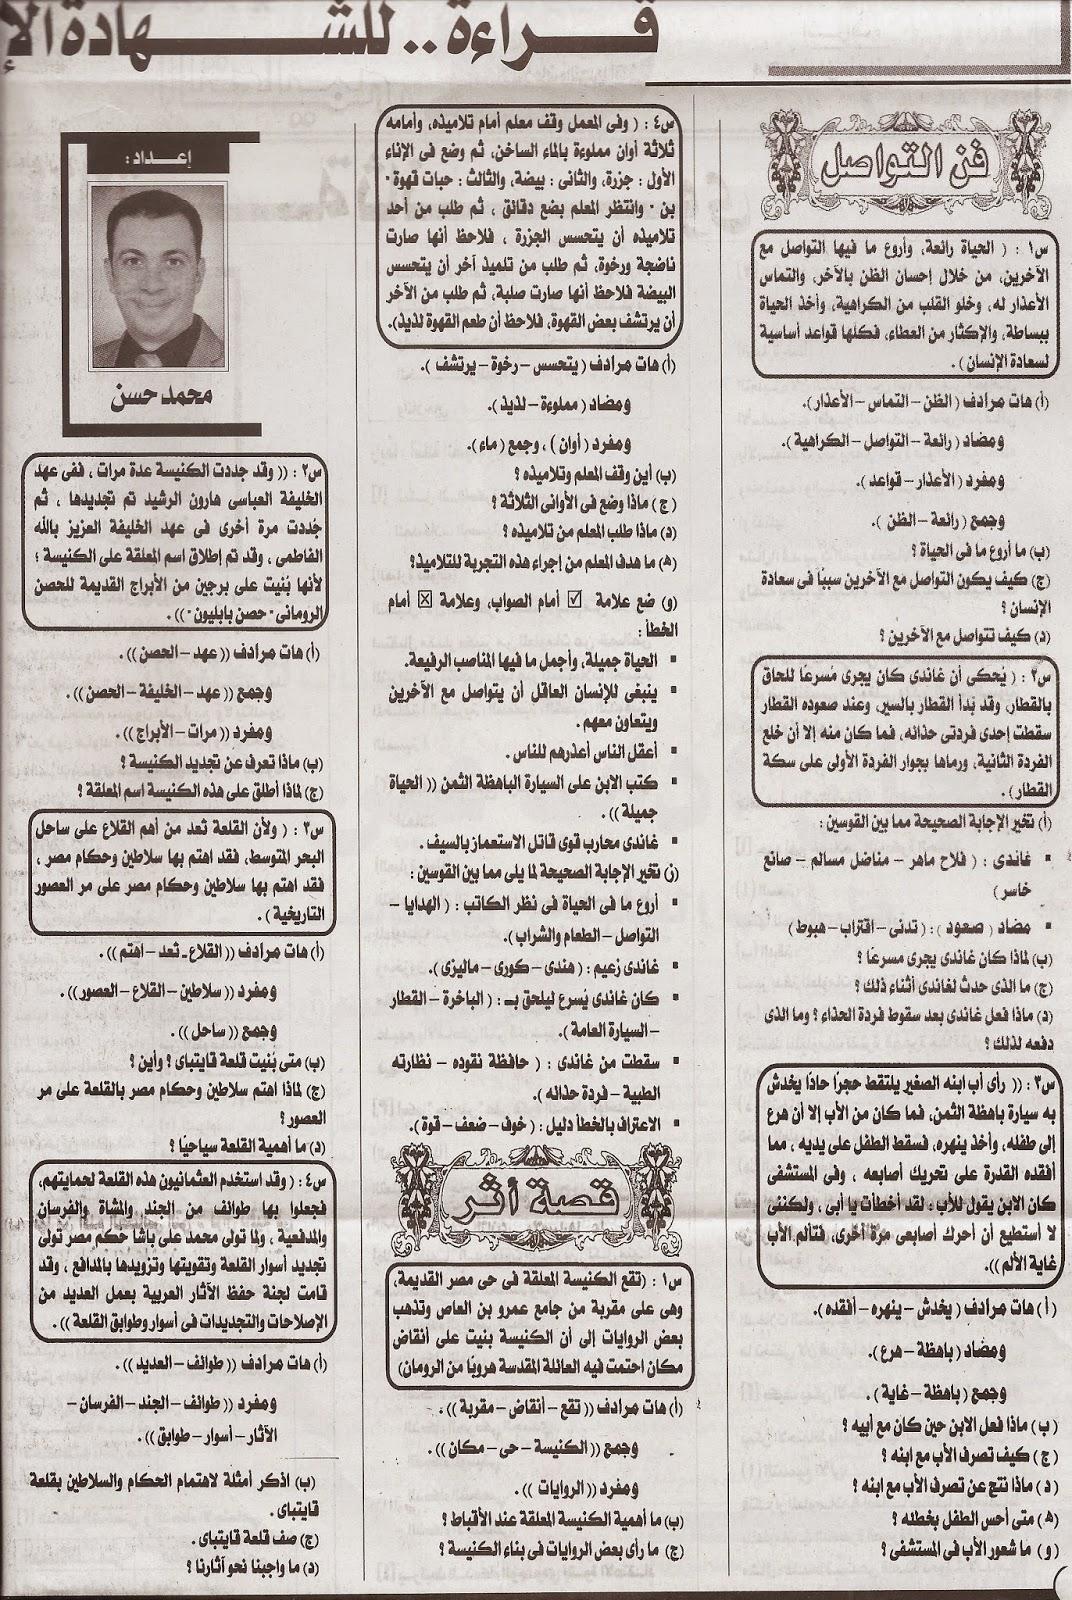 مراجعة قراءة للشهادة الاعدادية - ملحق الجمهورية نصف العام Scan